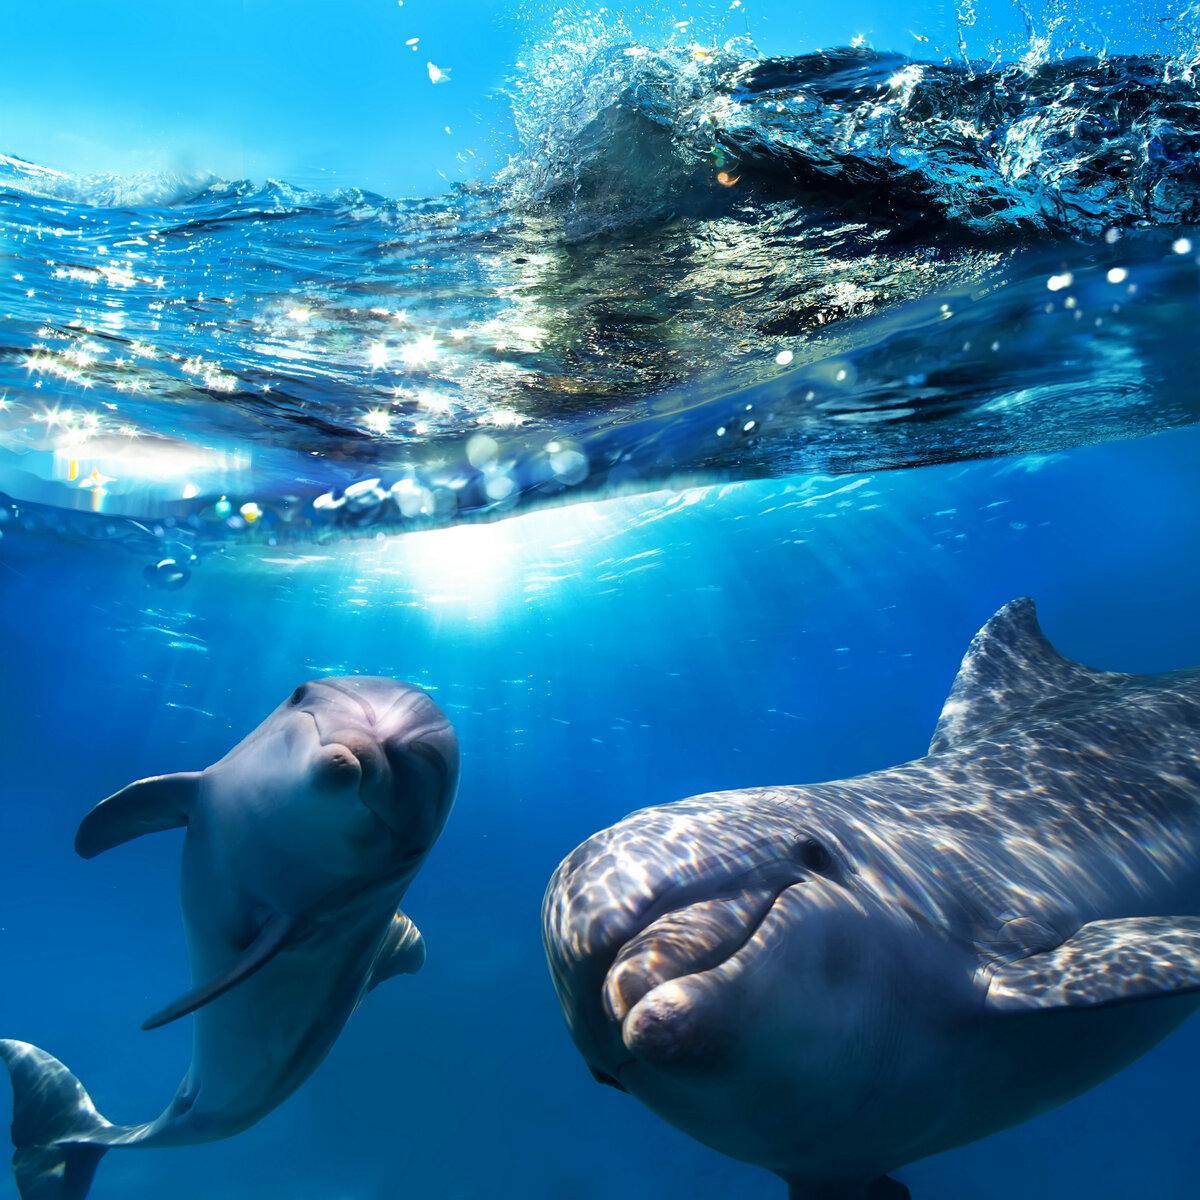 самые красивые дельфины в мире фото попытки охоты этого